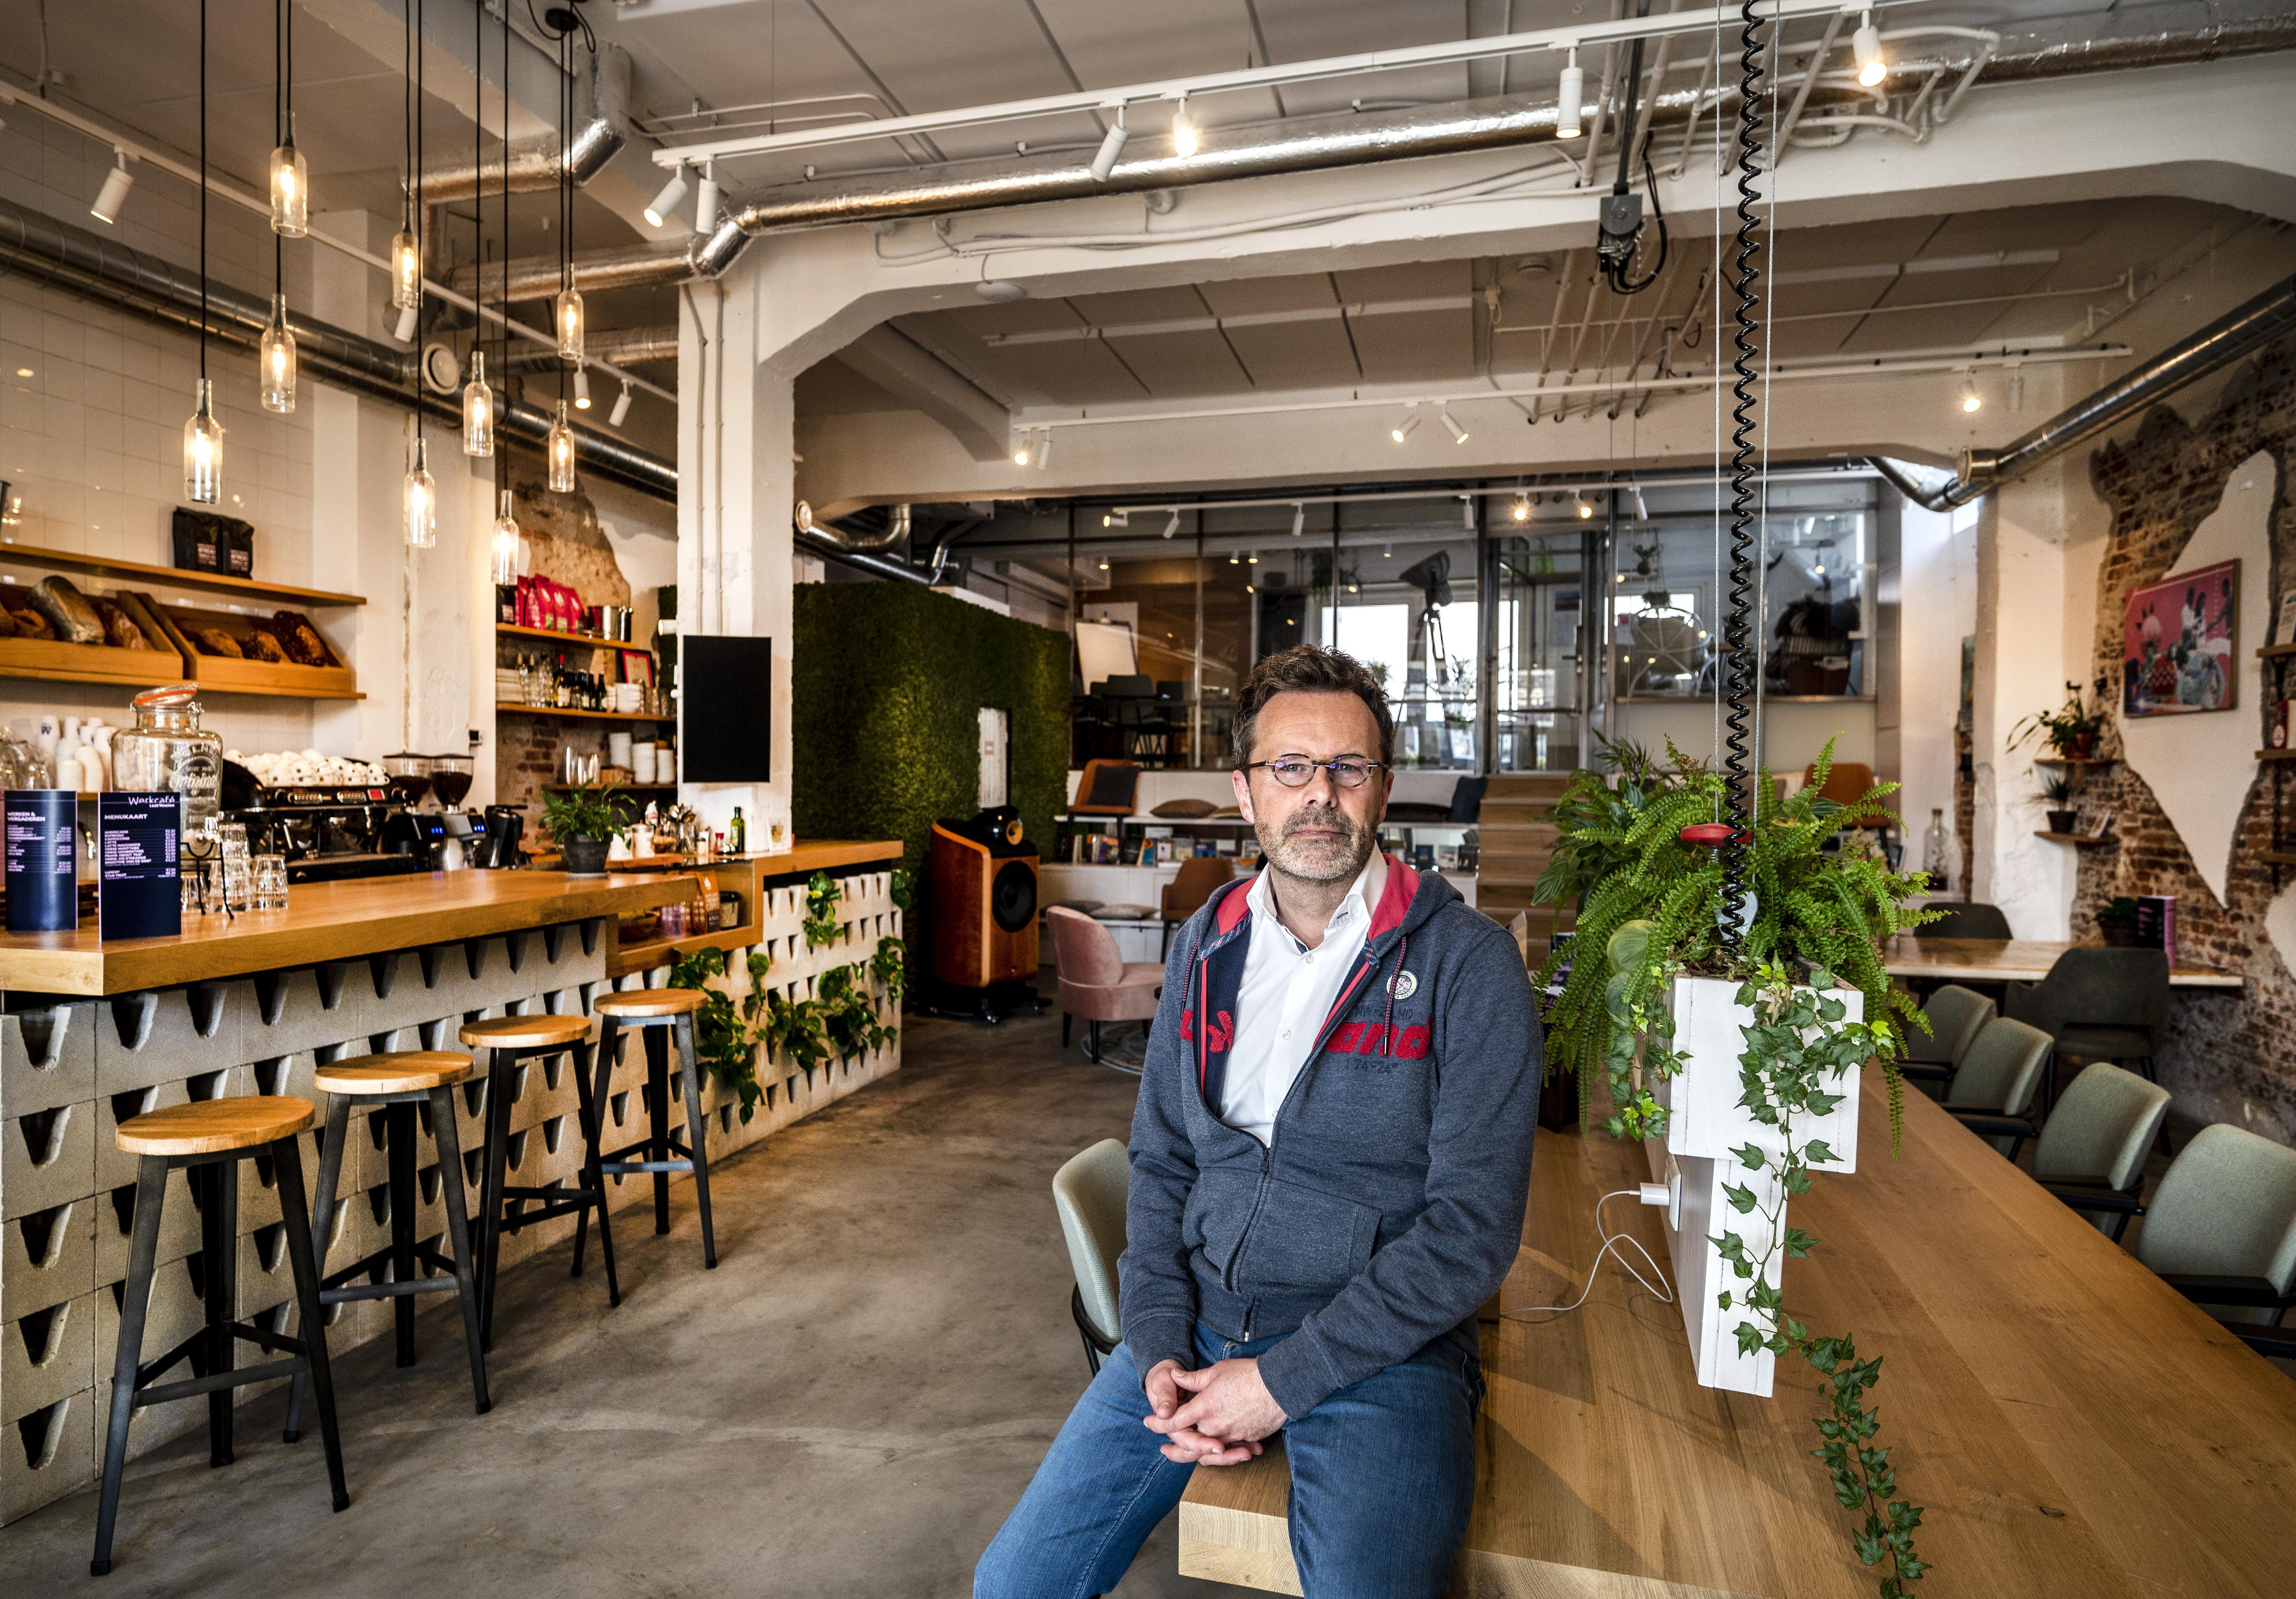 Ondernemer en idealist wil roer omgooien: Haarlemmer Martin Schuurman pleit voor basisinkomen voor iedere volwassene